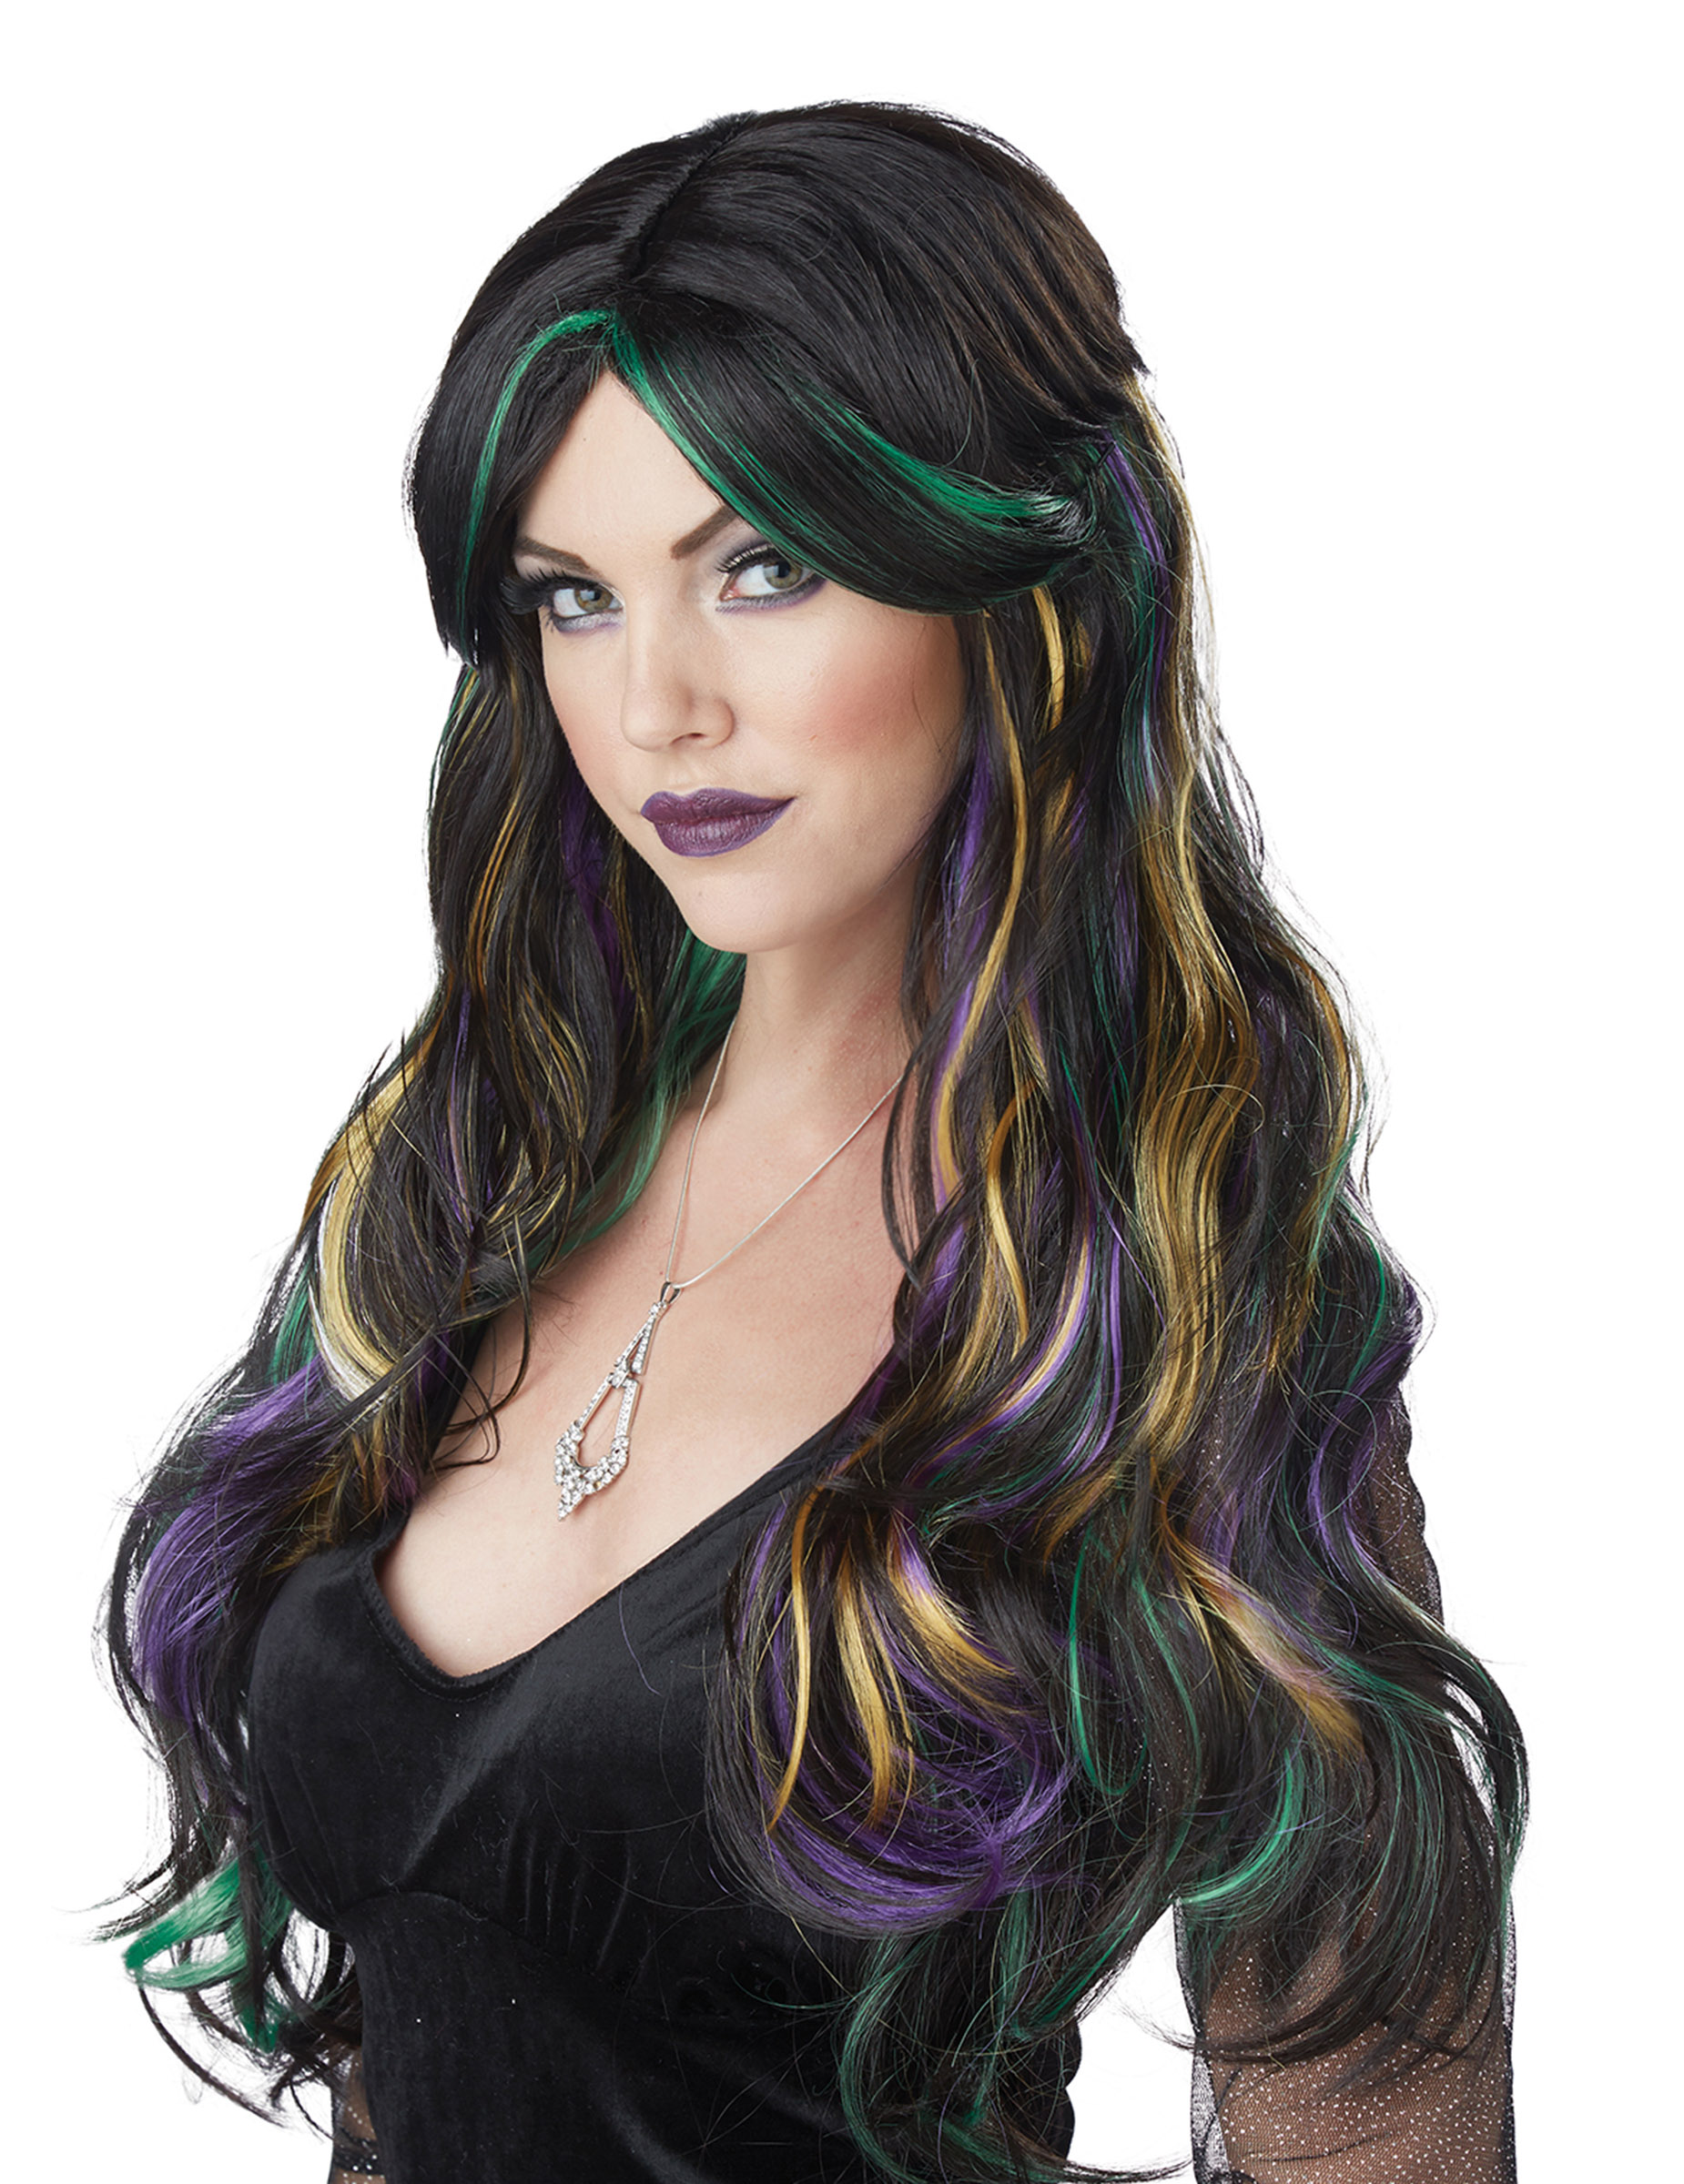 Hexen-Perücke für Halloween Damen-Accessoire schwarz-bunt 307233